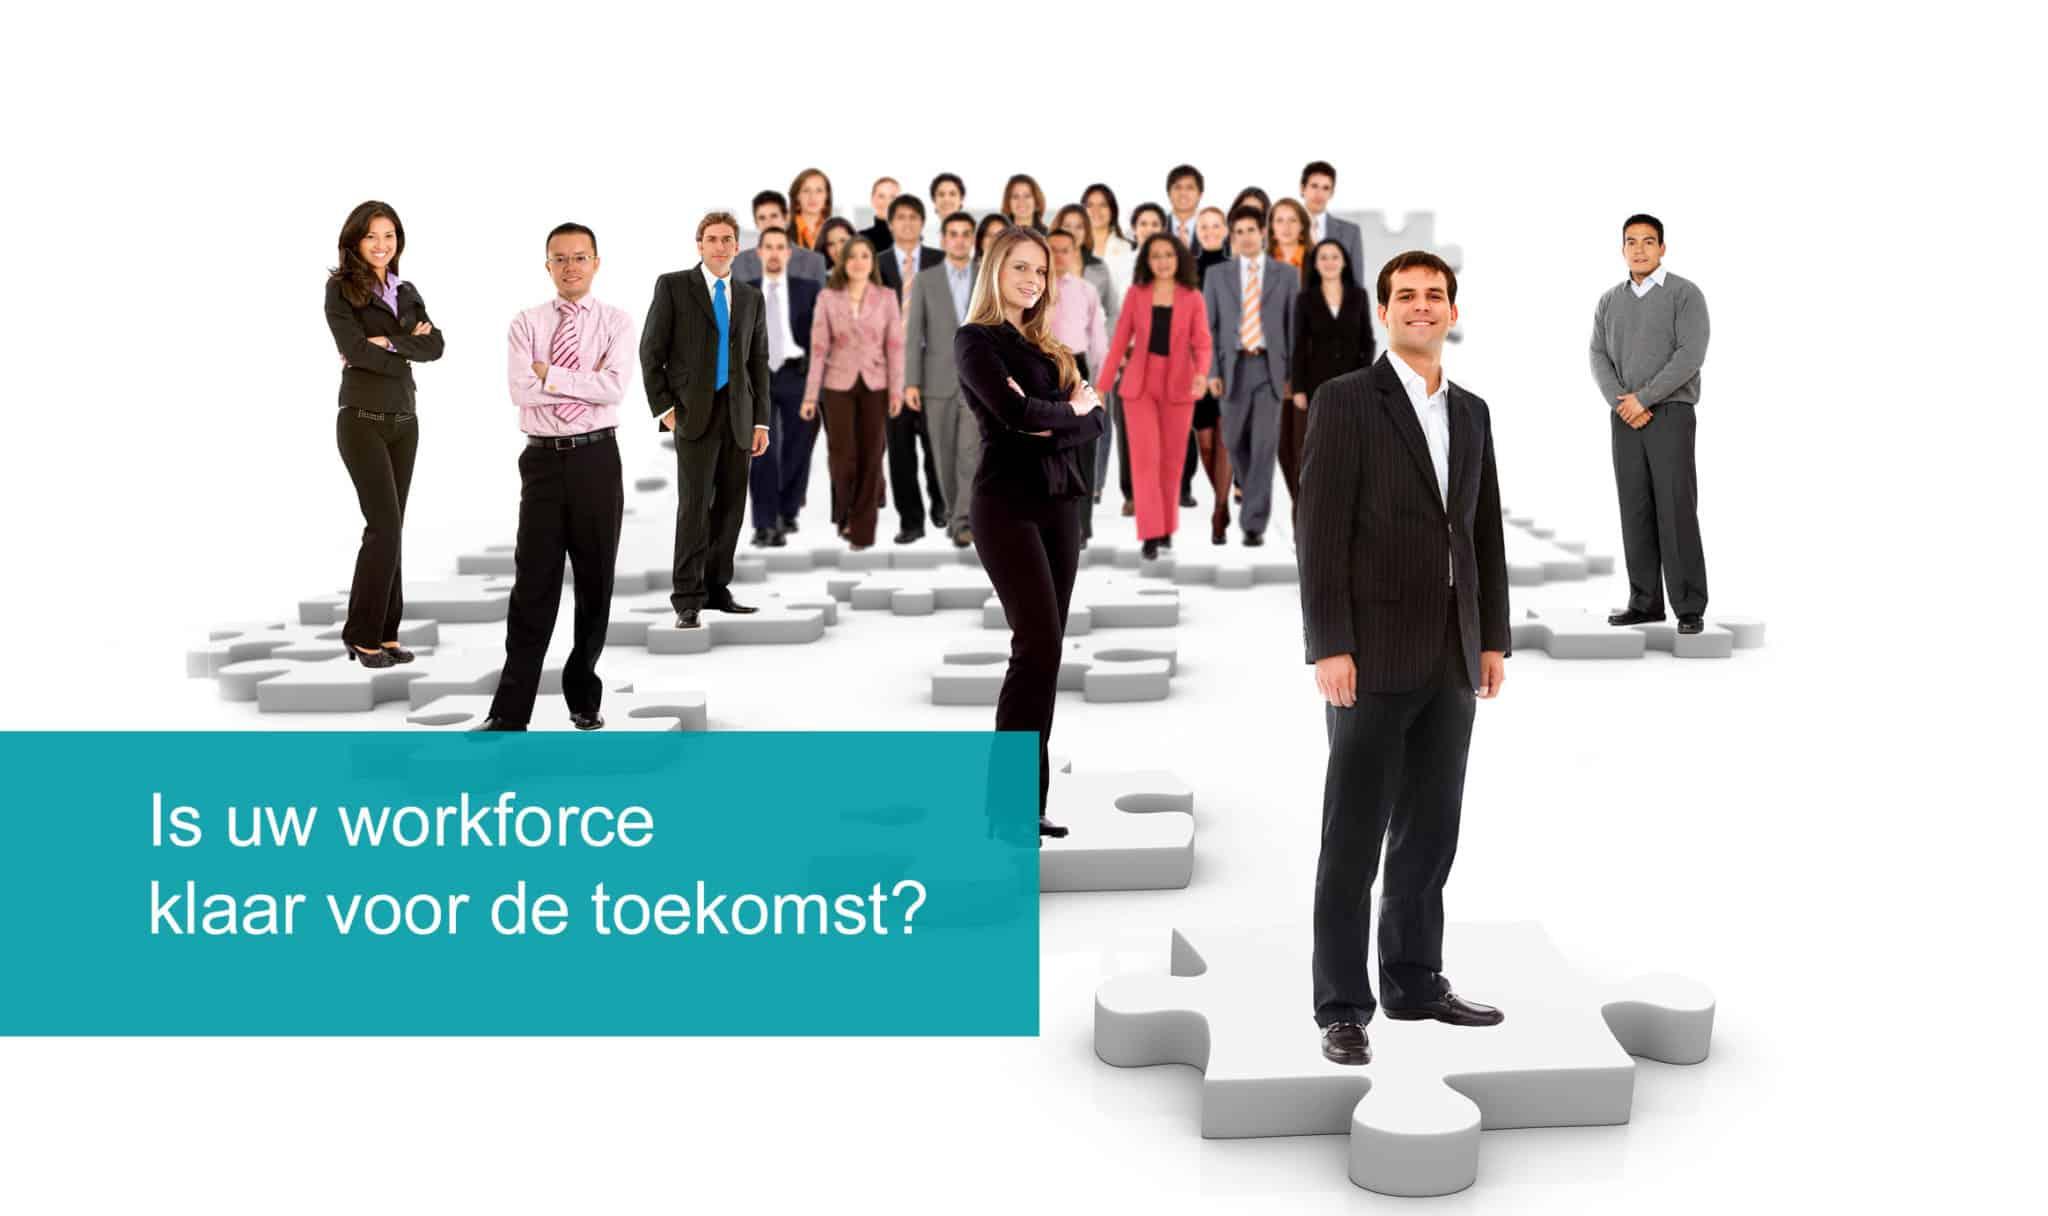 TalentIn BLOG Workforce klaar voor de toekomst